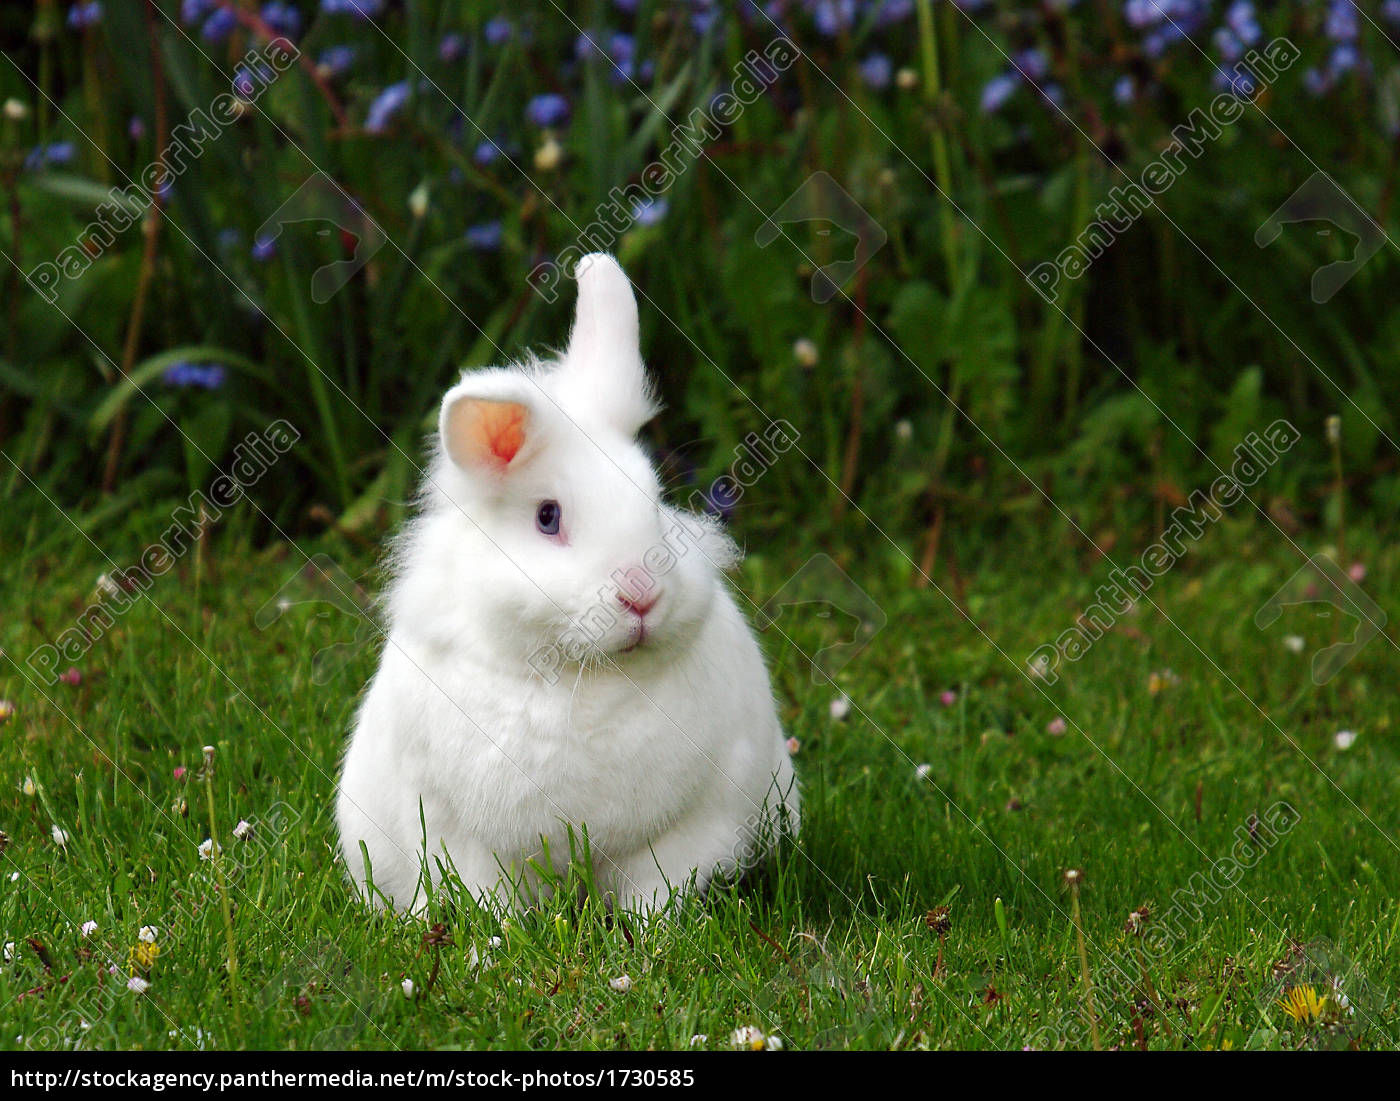 weißes Kaninchen auf Rasen Knickohr - Lizenzfreies Bild - #1730585 ...